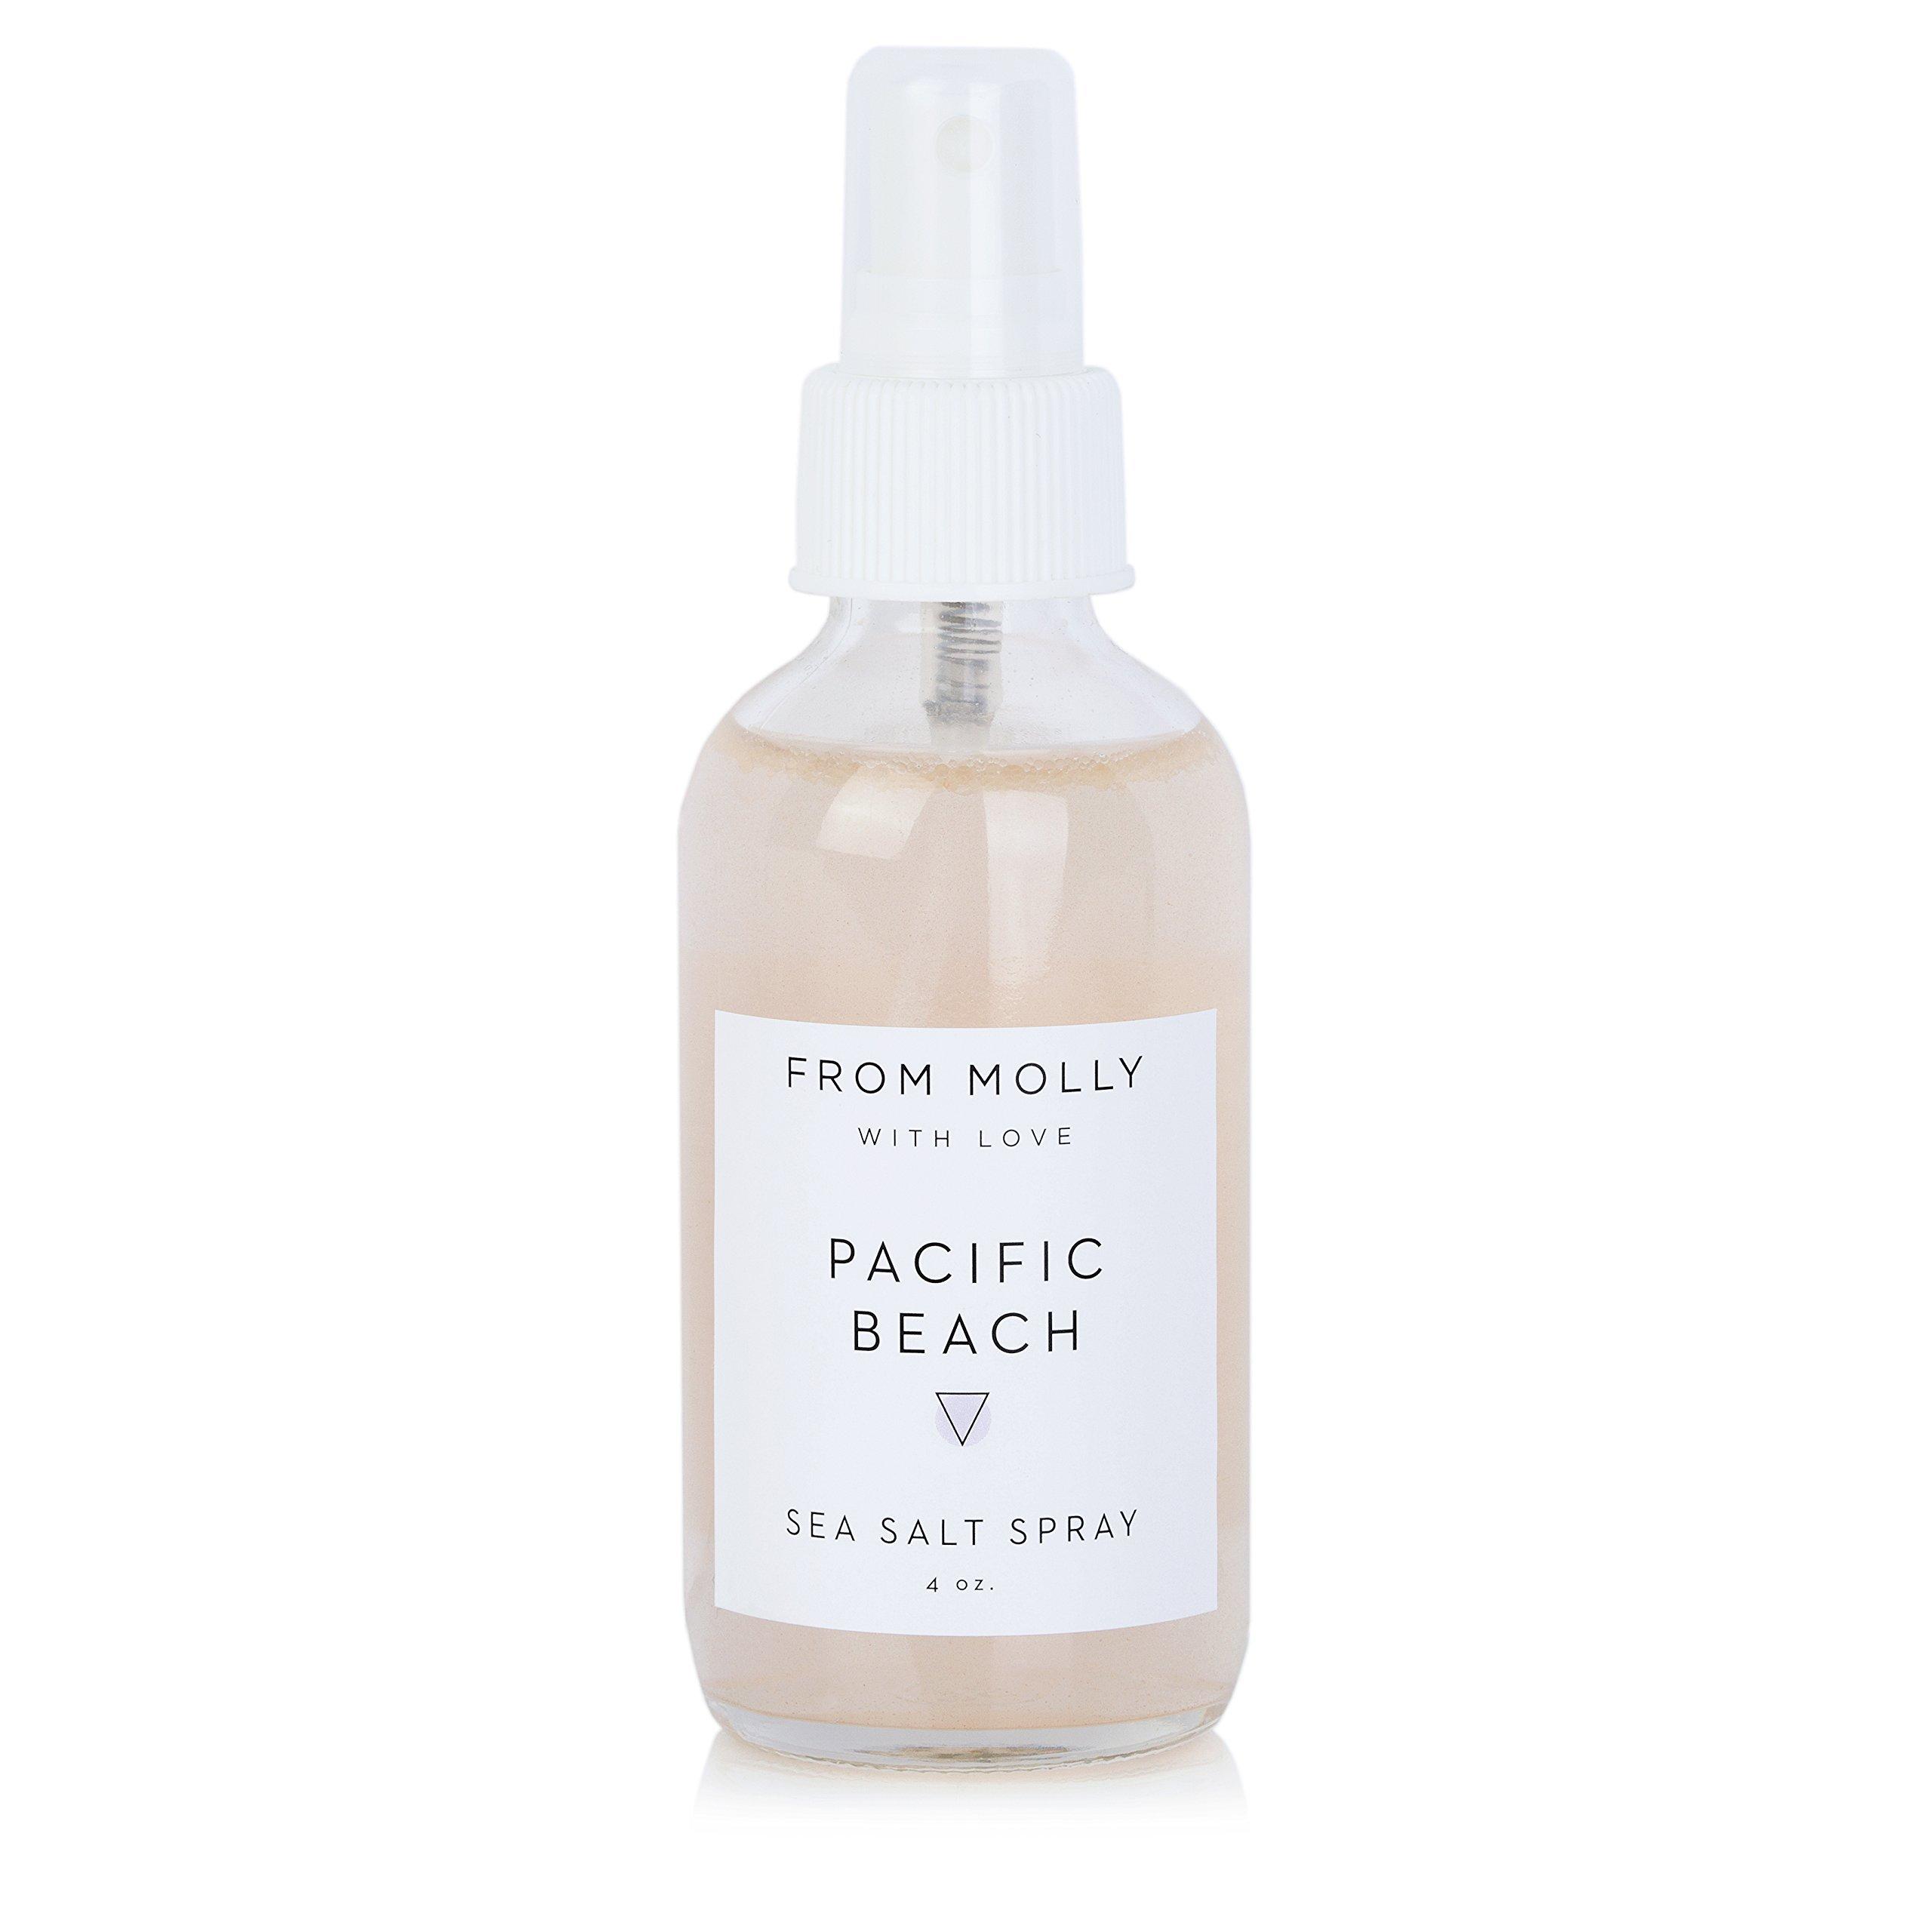 PACIFIC BEACH Sea Salt Spray